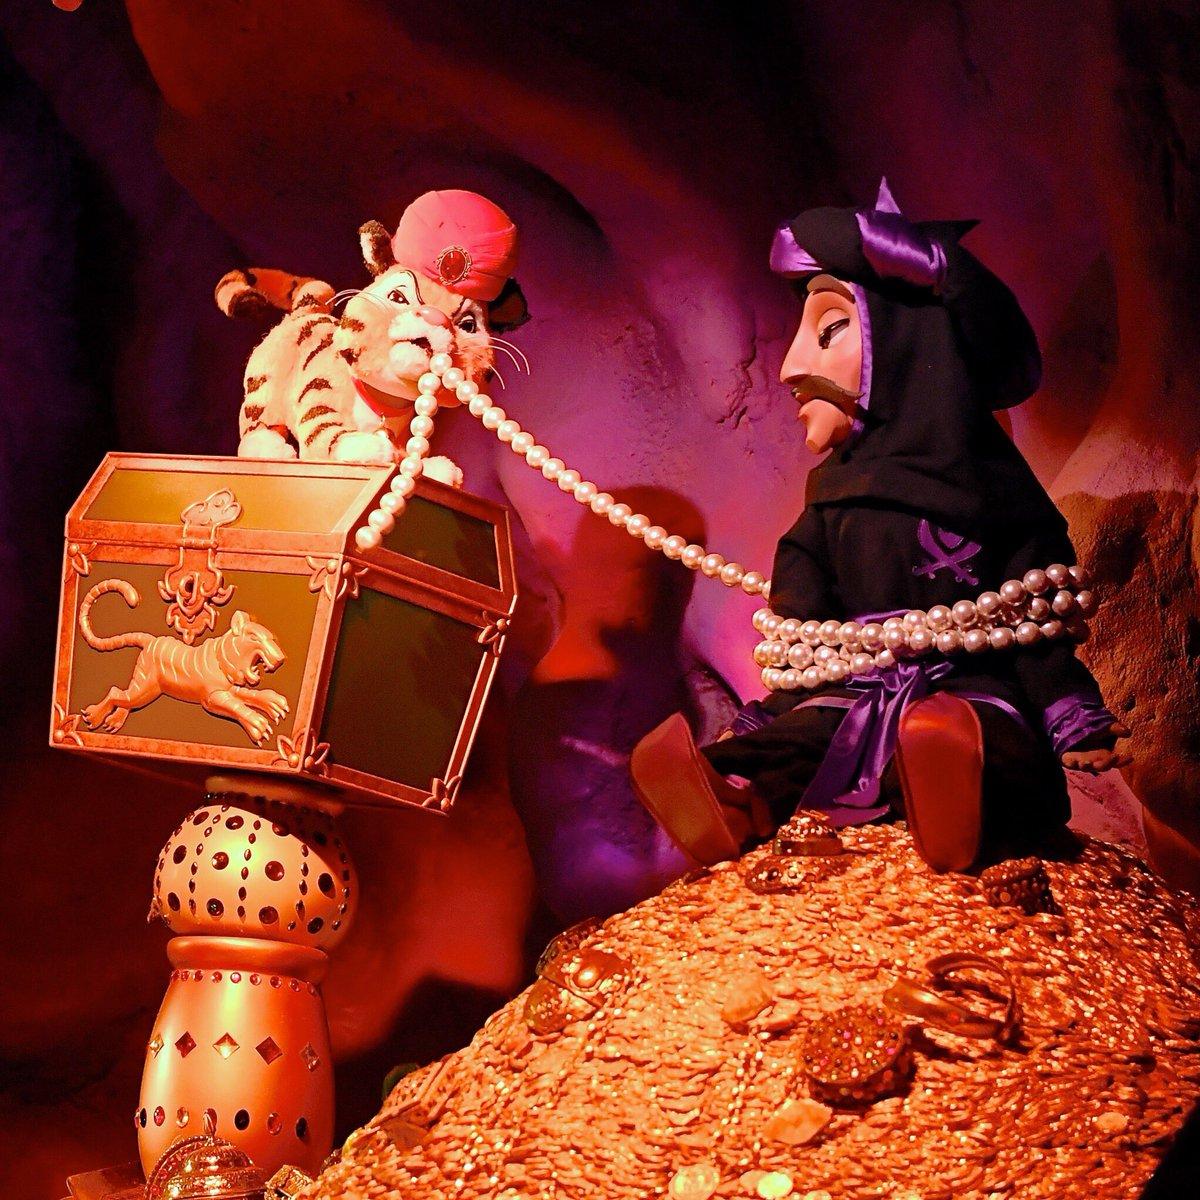 東京ディズニーシー「シンドバッド・ストーリーブック・ヴォヤッジ」は明日2月13日から3月2日まで休止…